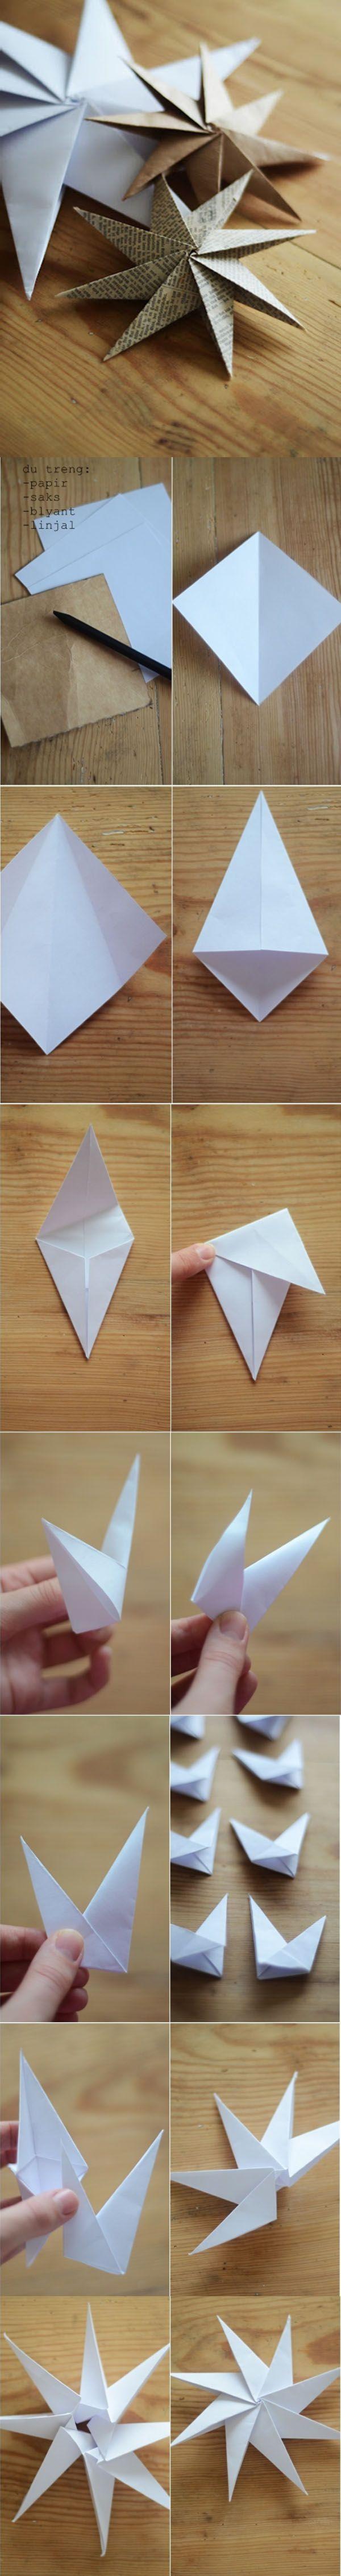 DIY – Papiersterne Anleitung. Schaut bestimmt einfacher aus als es ist..